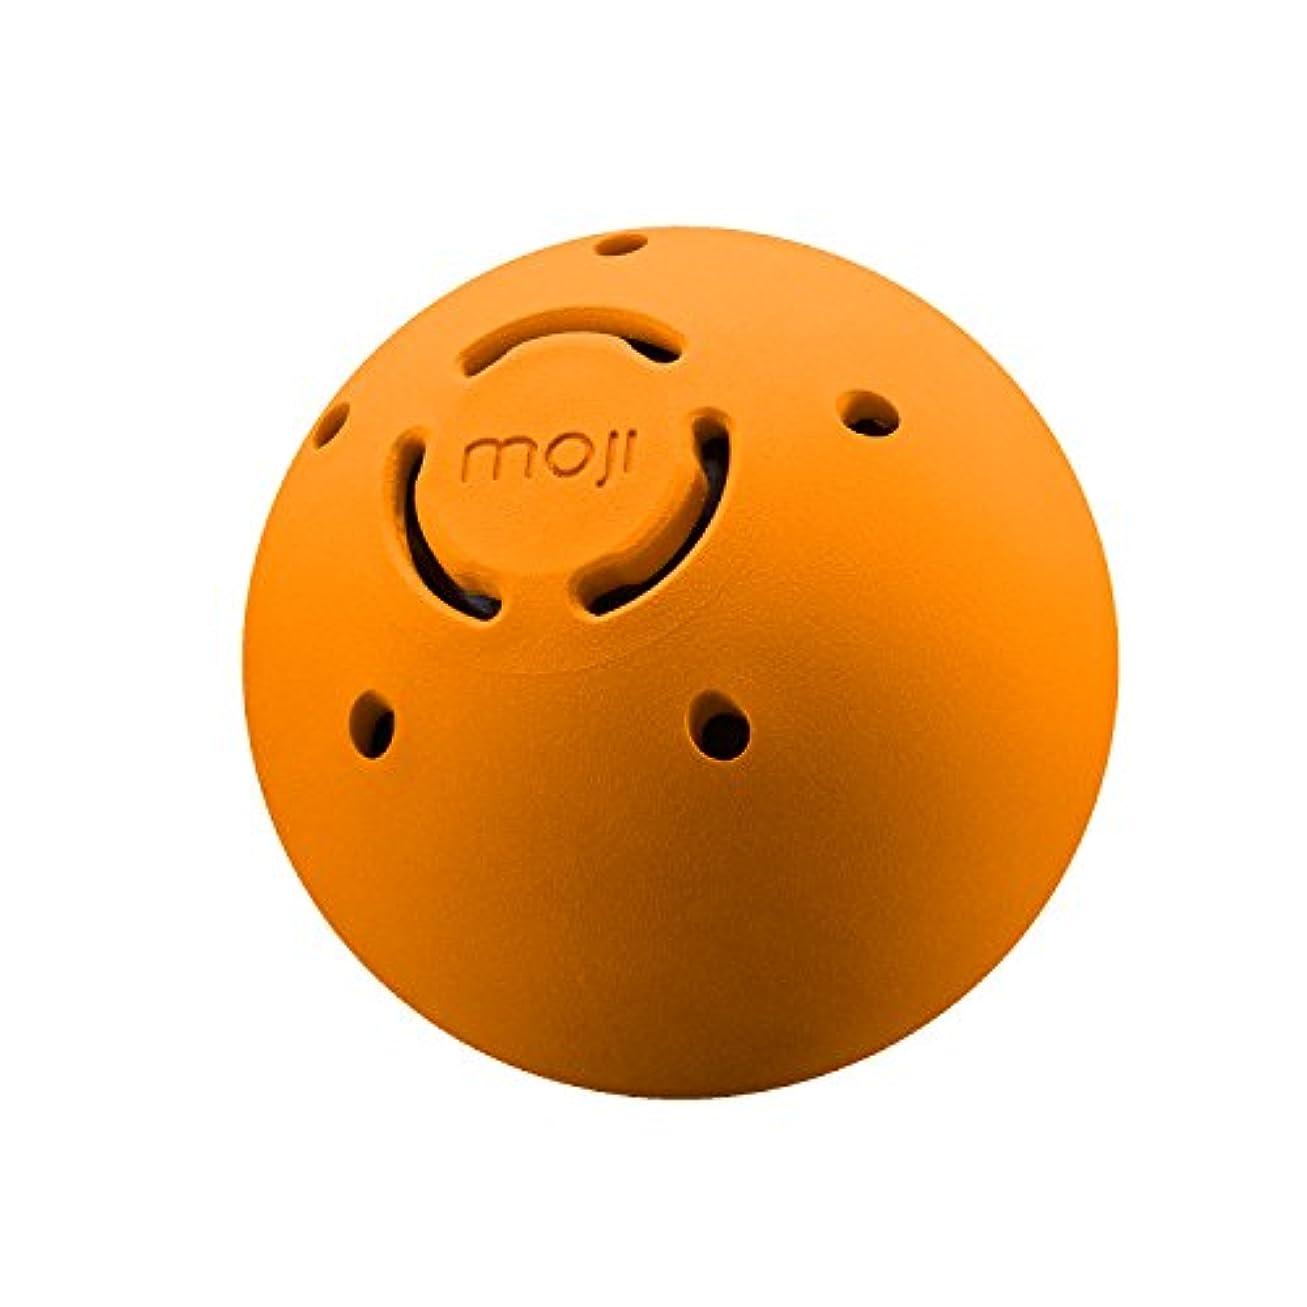 半球追い越す同化温熱 マッサージボール 筋肉の痛み 筋肉をほぐす 血流促進 MojiHeat Massage Ball (Large)